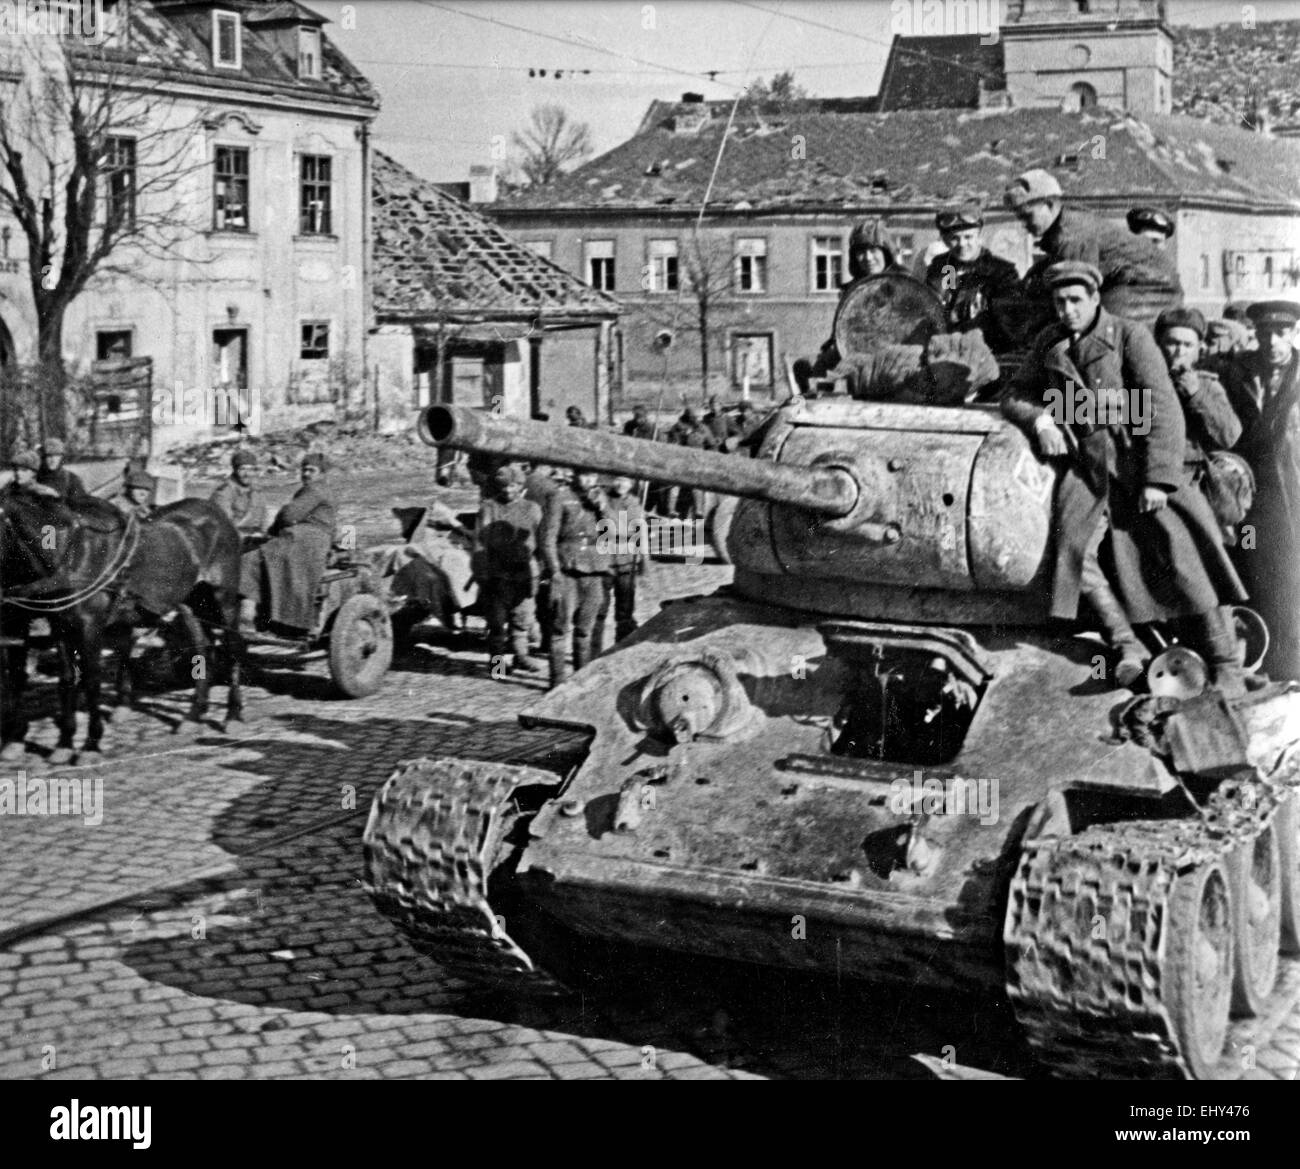 SOVIET T 34/5 TANK in Vienna in April 1945 - Stock Image